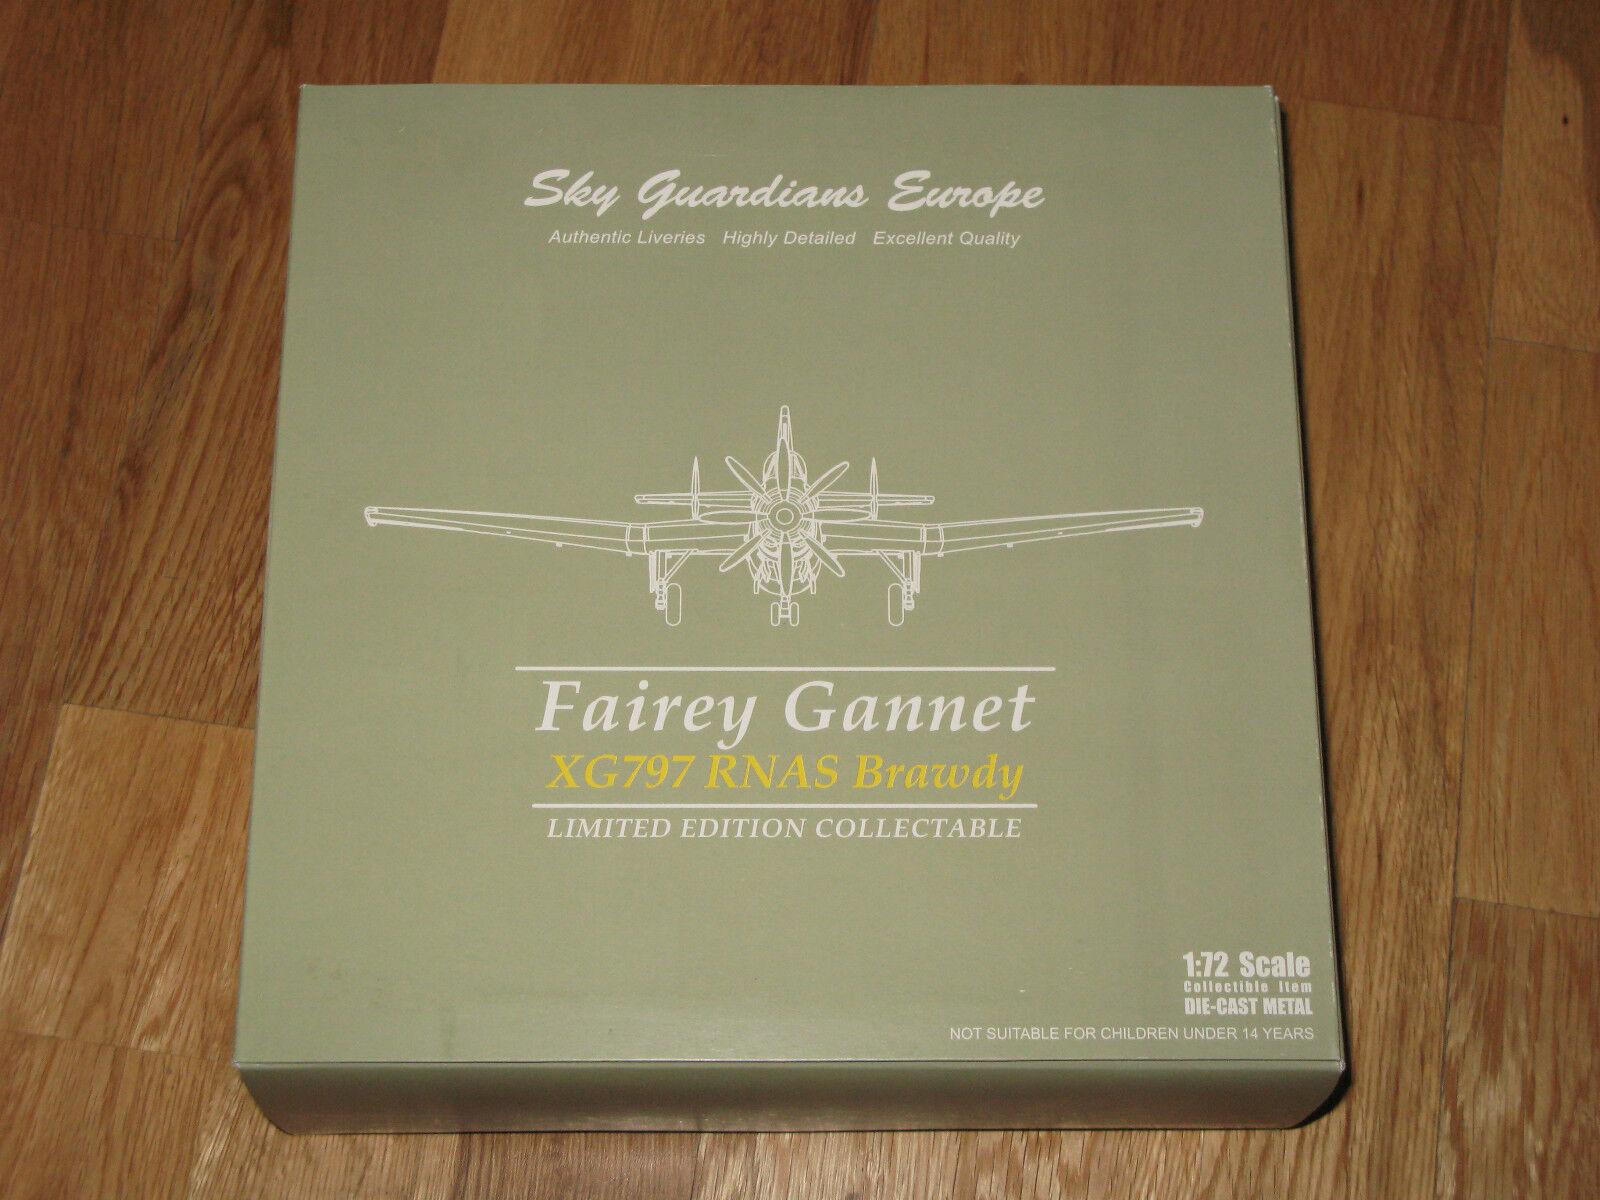 SKY GUARDIANS Fairey Gannet XG797 RNAS Brawdy SGE72-002-01 En parfait état, dans sa boîte